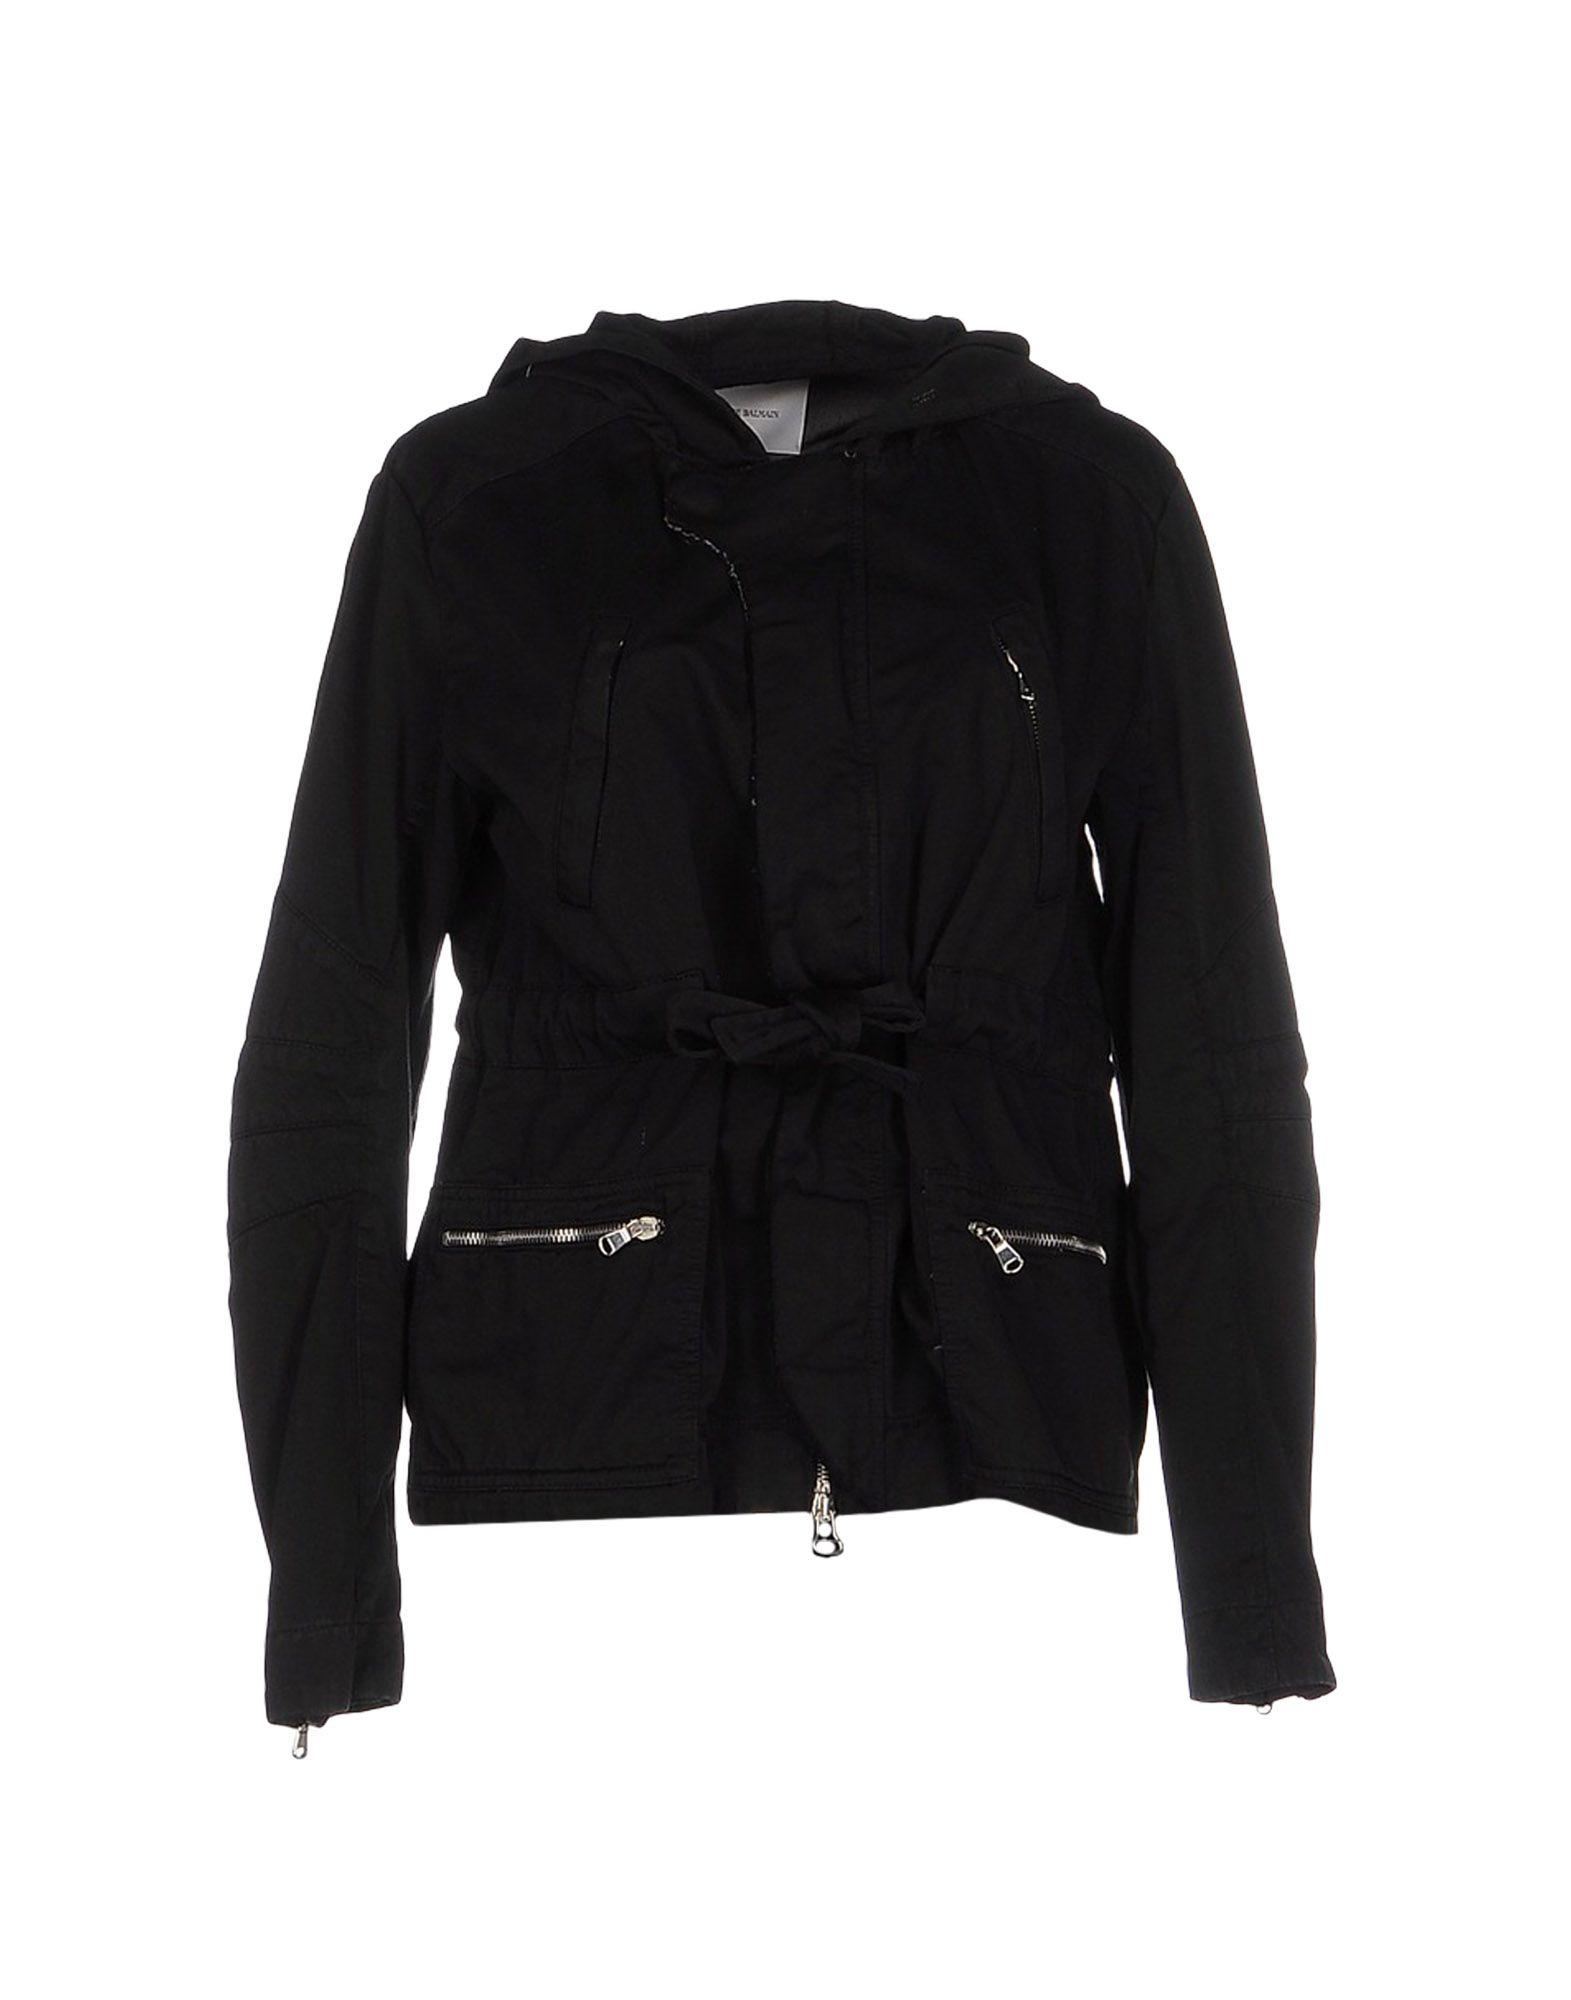 oakwood black single women Oakwood jackets jackets shop,oakwood leather conditioner hot sale,oakwood sale leather jackets,oakwood leather care complete.